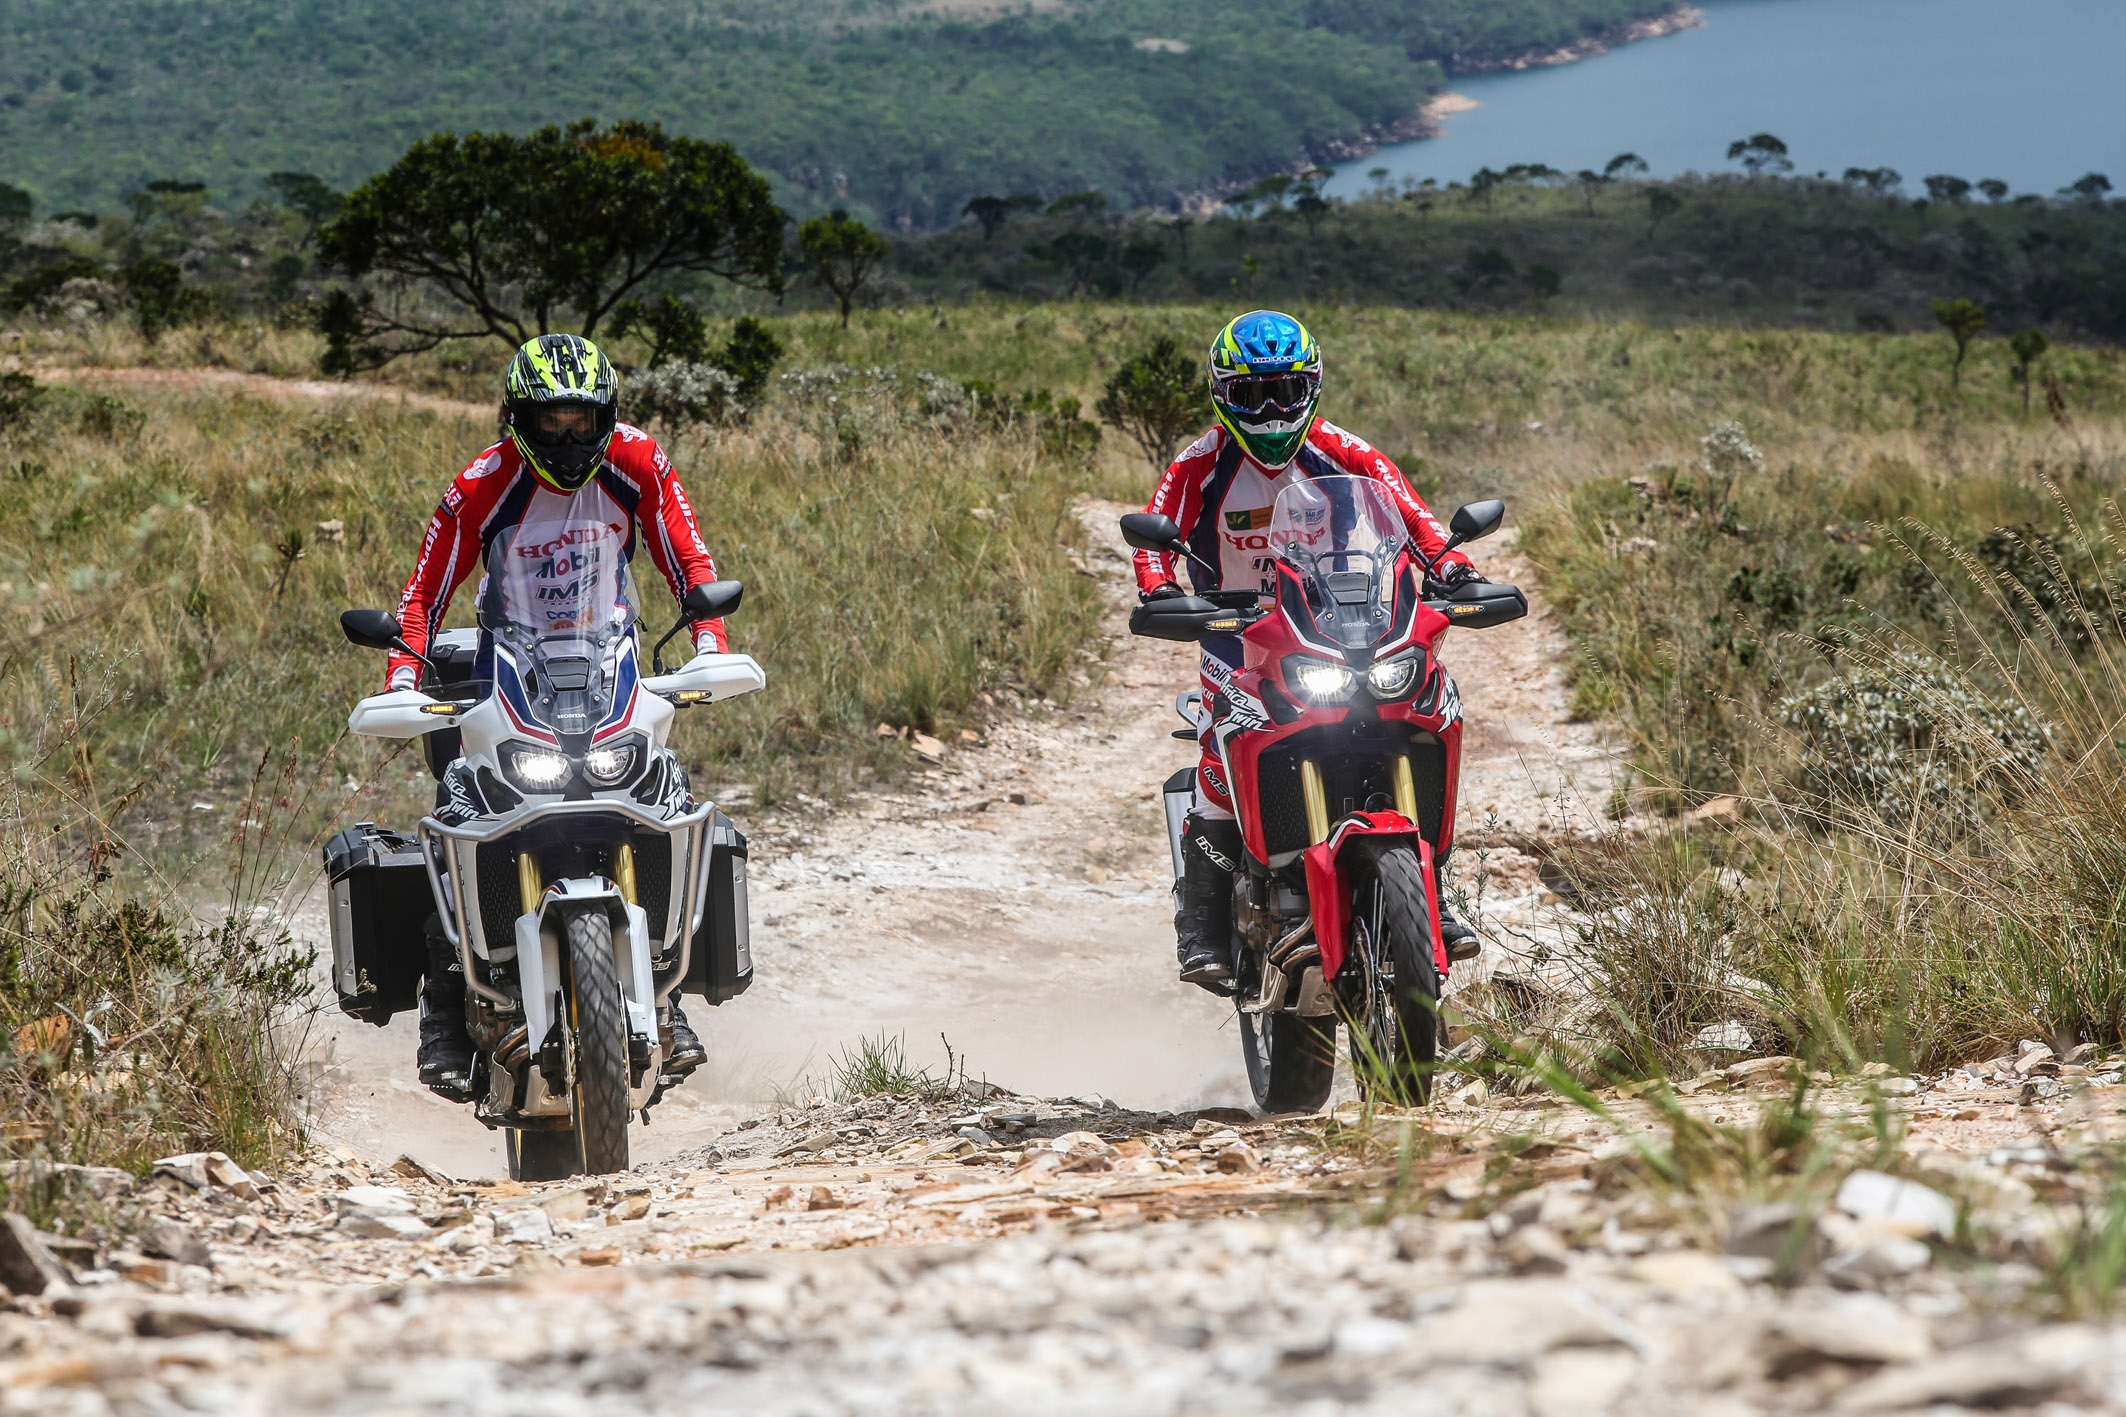 Com 25 cm de vão livre do solo a Africa Twin vai bem no fora-de-estrada